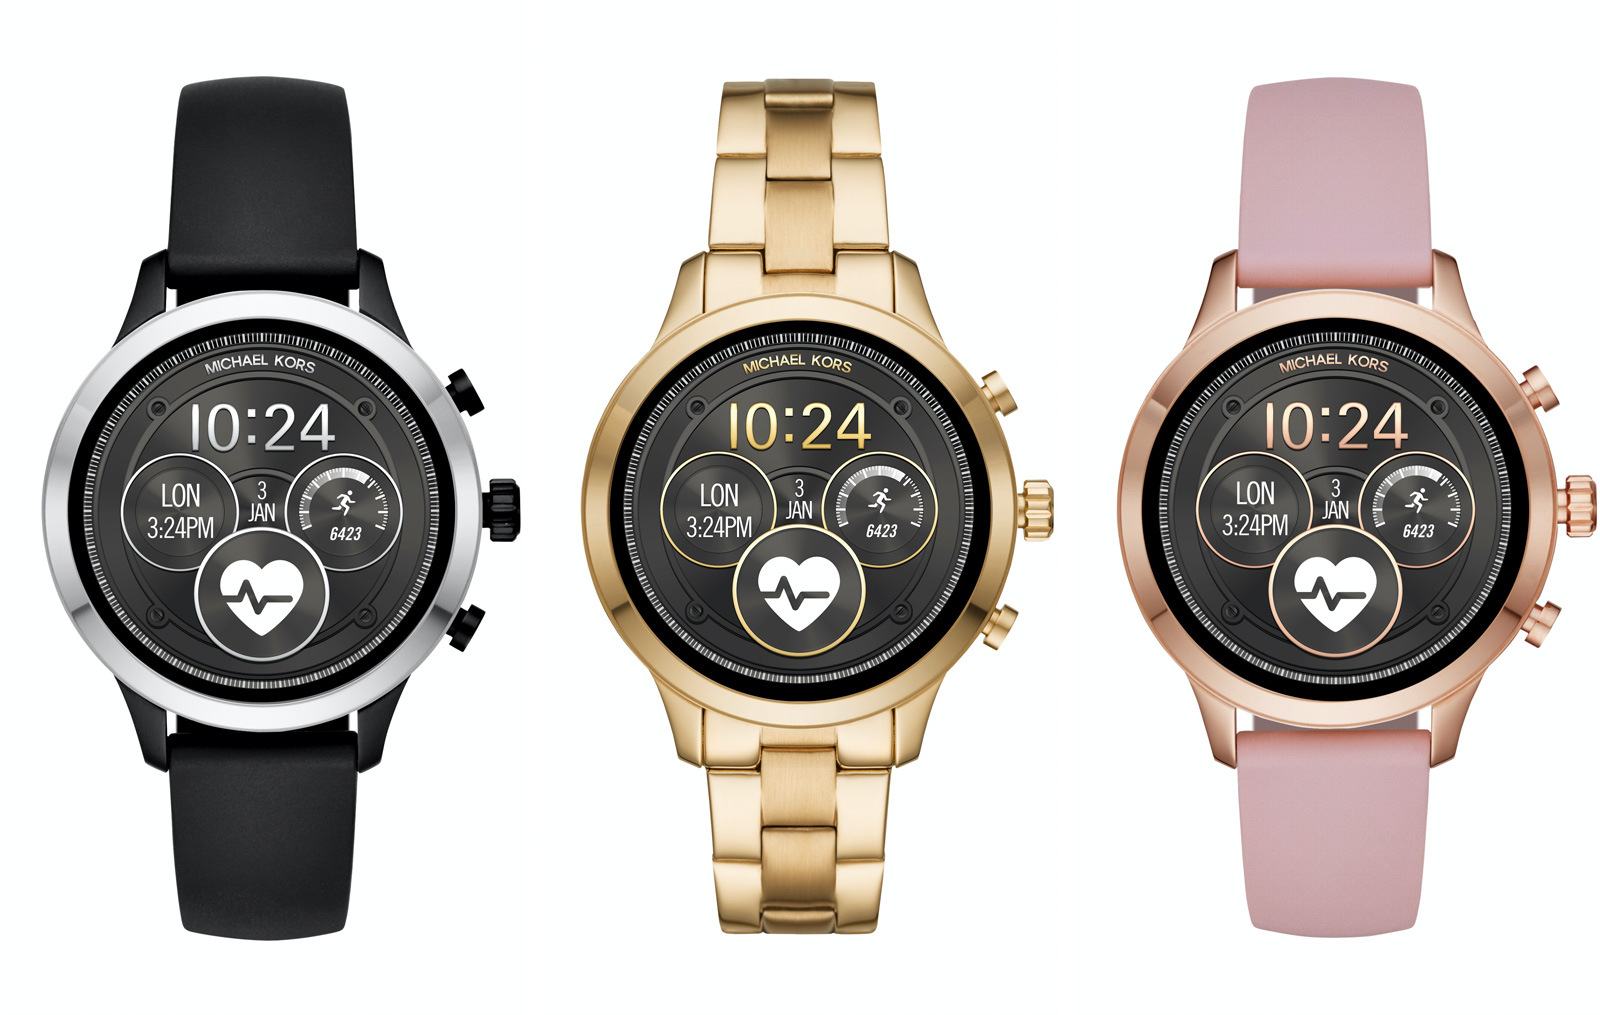 Michael Kors' latest Wear OS watch features a popular design